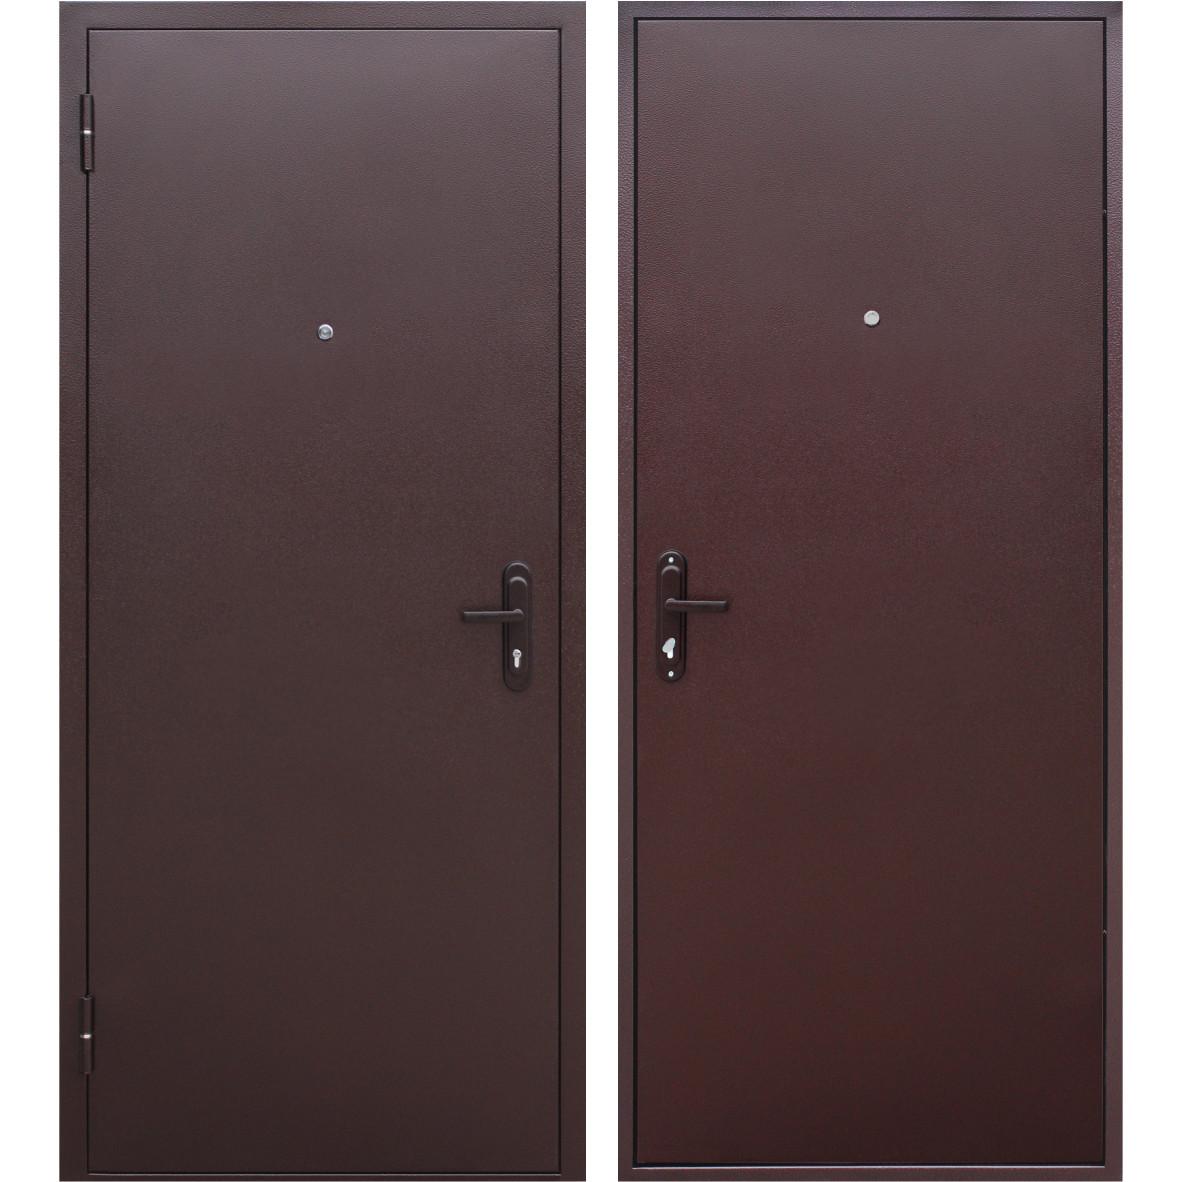 Дверь входная металлическая Стройгост 5, 860 мм, левая, цвет металл